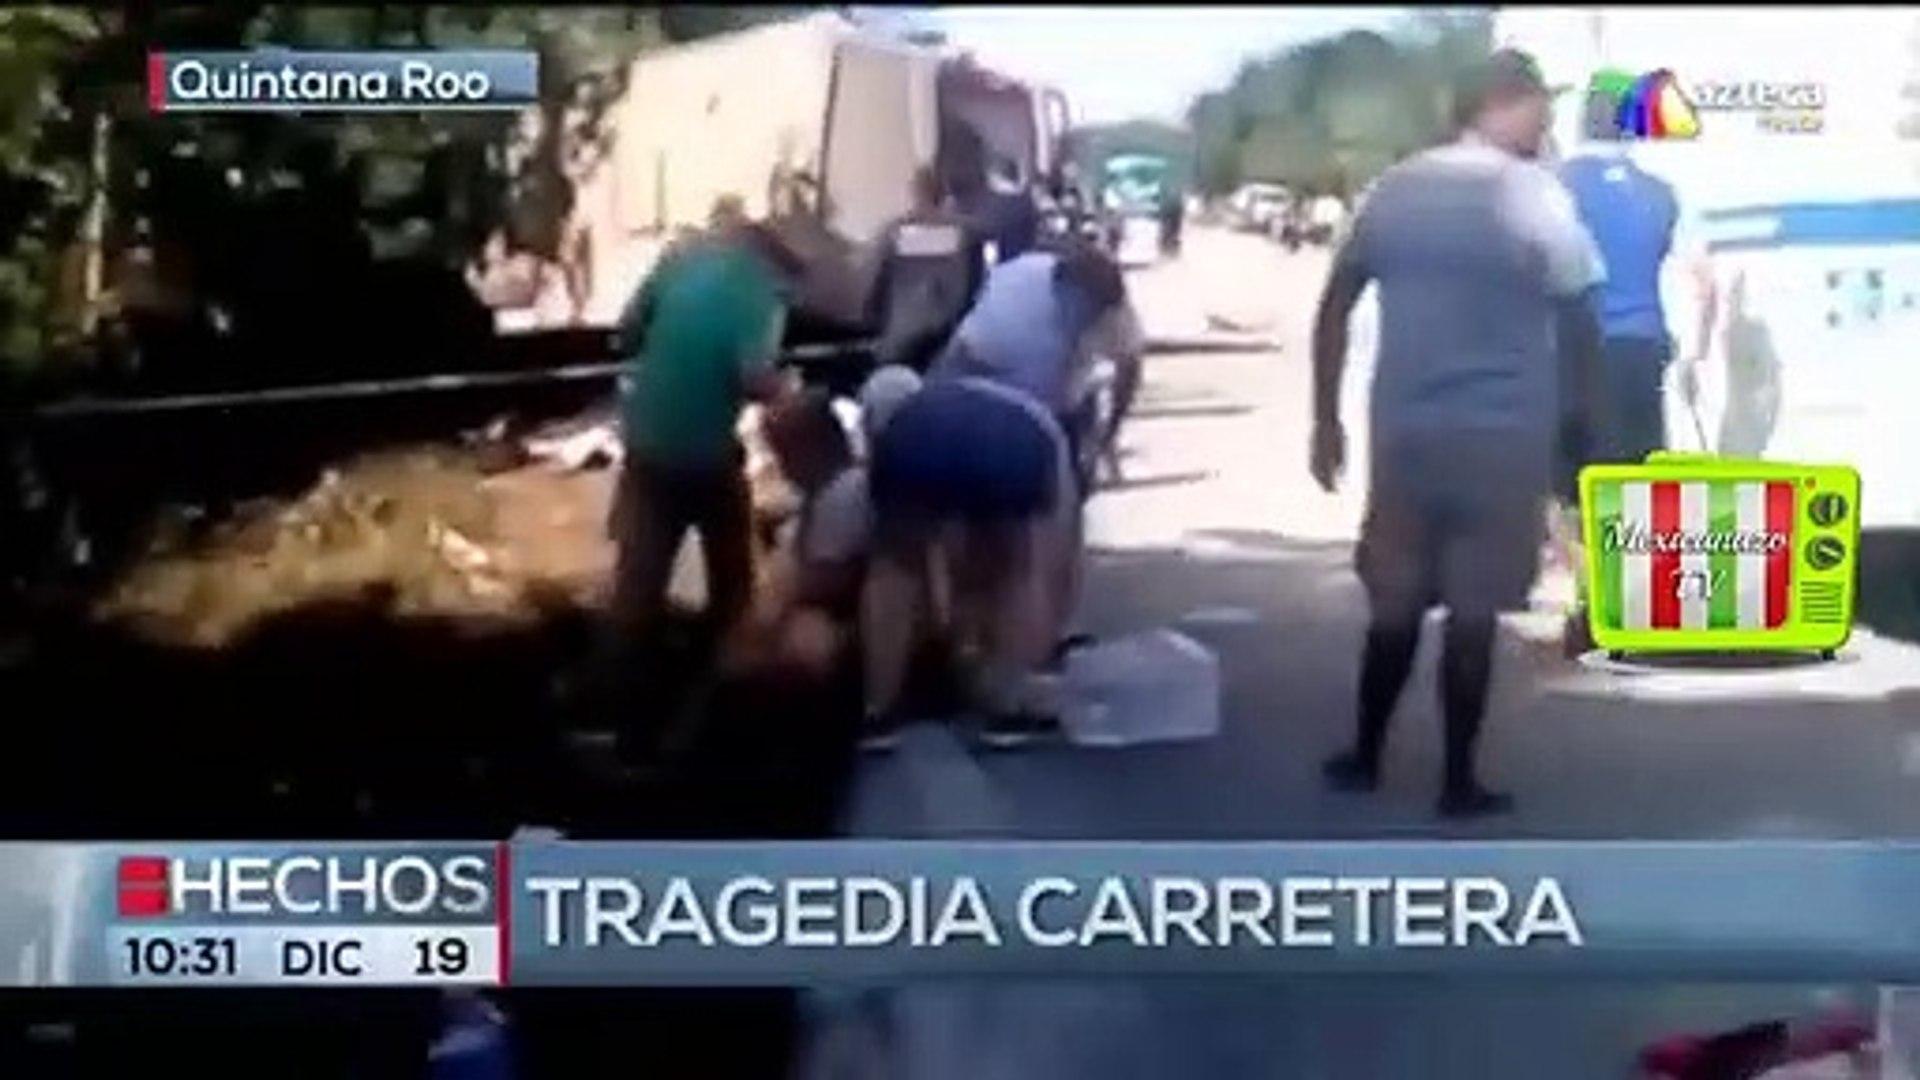 Tragedia carretera (Hechos - Azteca Trece, 2019) | Mexicanazo TV